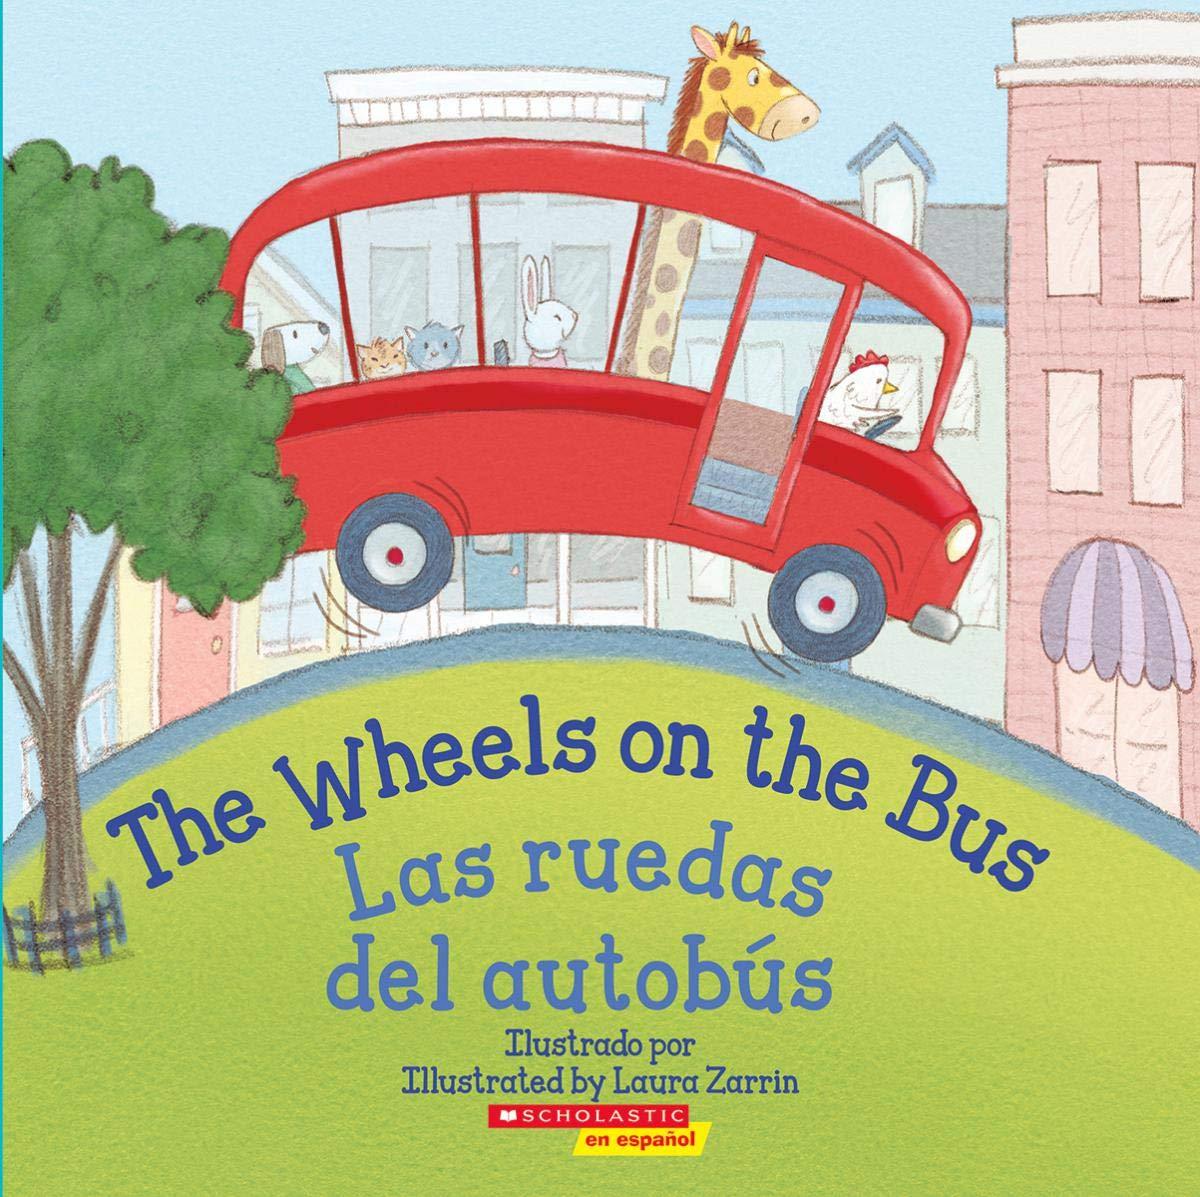 The Wheels on the Bus / Las Ruedas del Autobús Bilingual: Amazon.es: Elodie Pope, Laura Zarrin: Libros